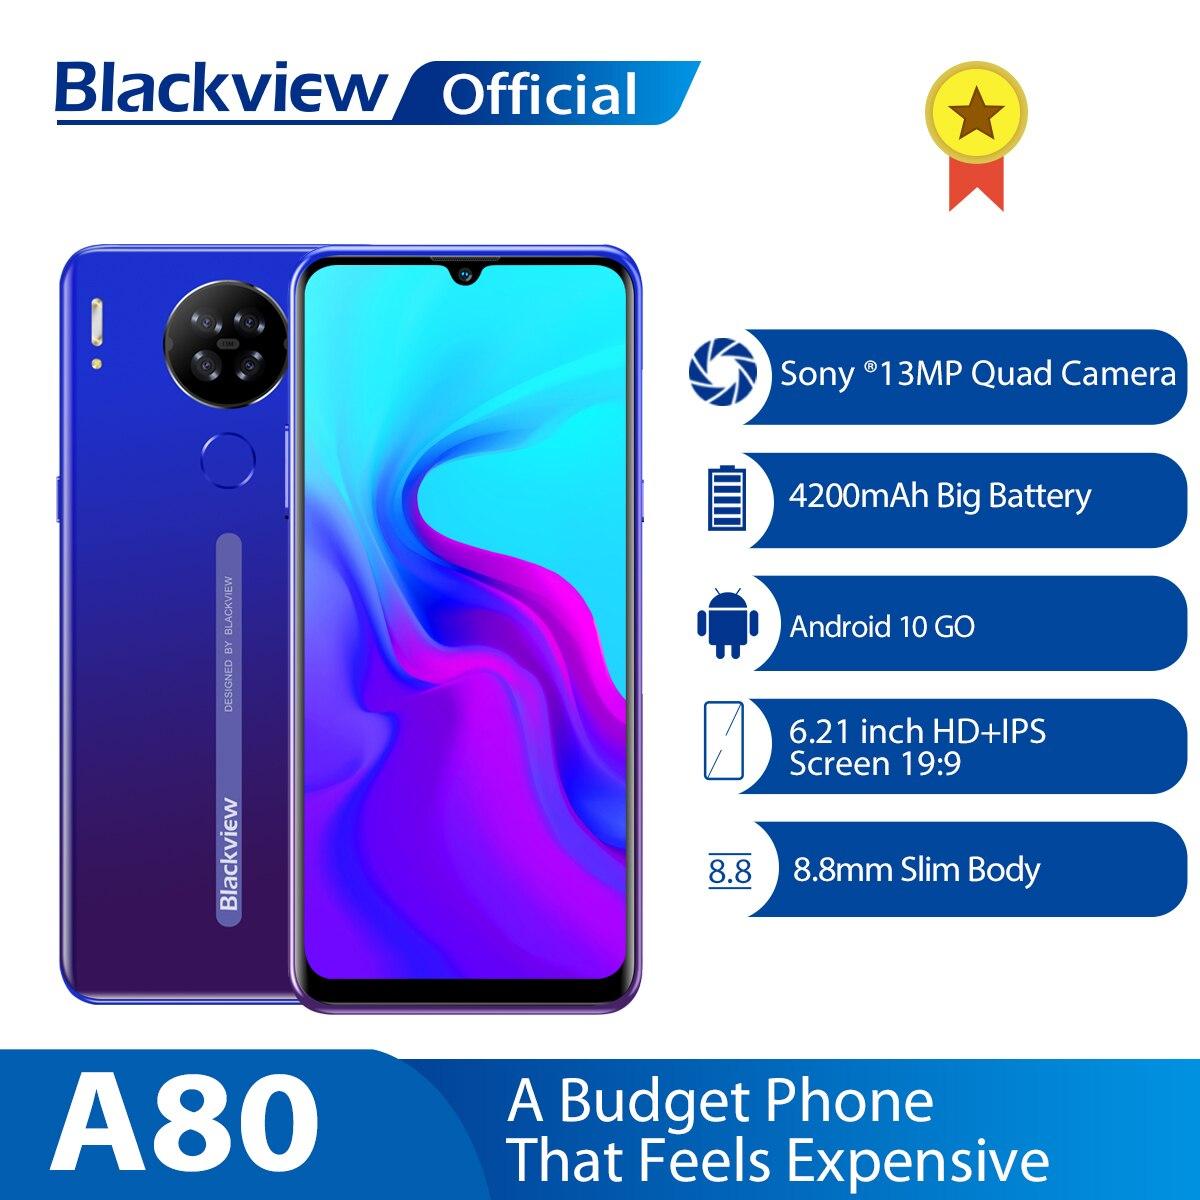 Blackview a80 smartphone android 10.0 go, telefone celular, quad traseiro, câmera de 13mp, tela de 6.21 waterdrop, 2gb + 16gb smartphone 4200mah 4g,